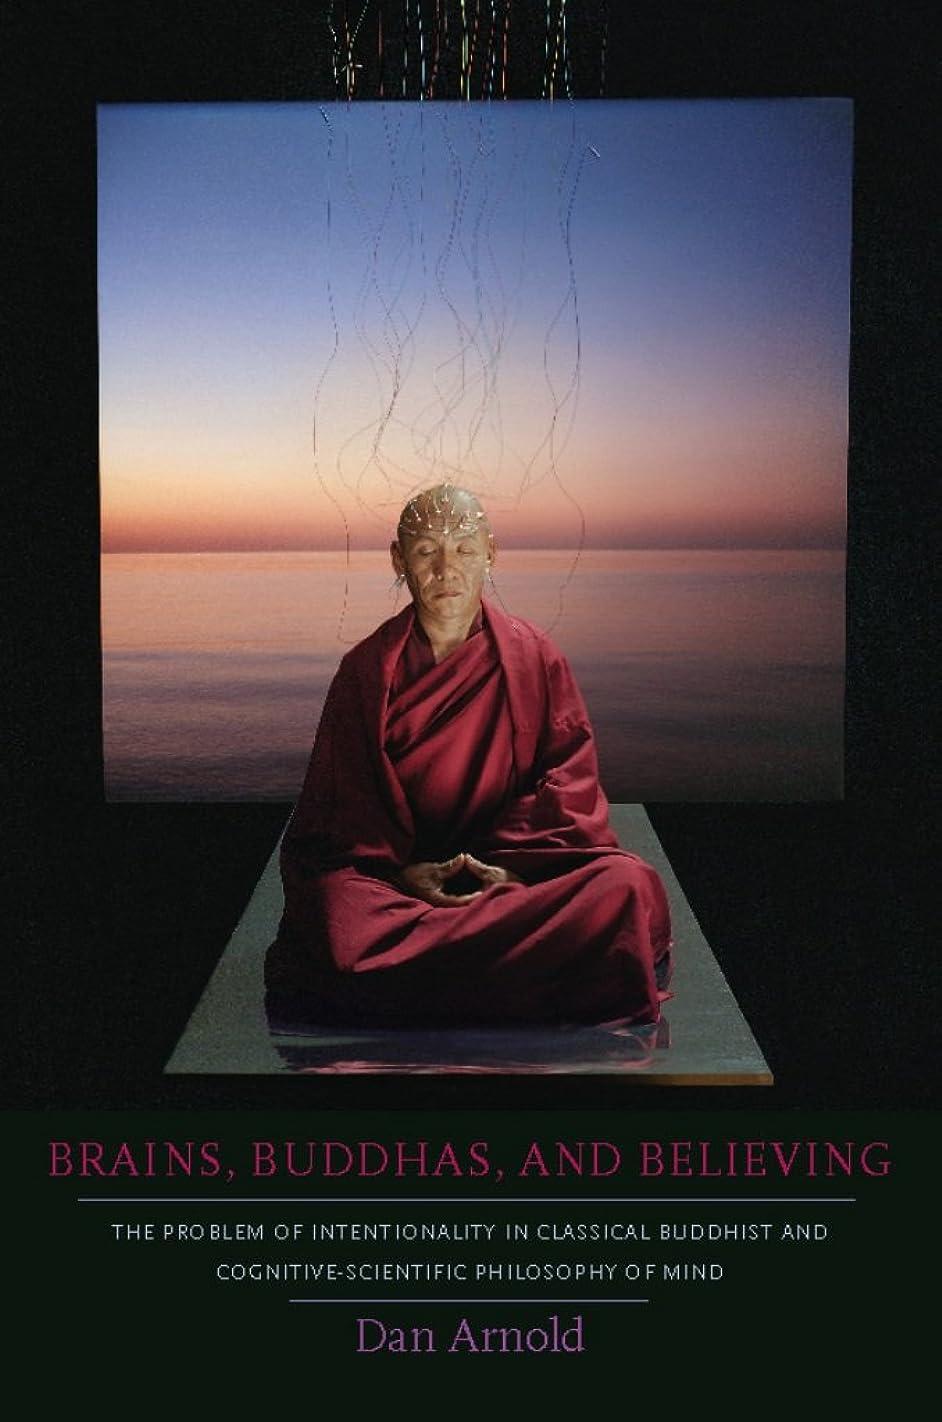 ルアー出口待つBrains, Buddhas, and Believing: The Problem of Intentionality in Classical Buddhist and Cognitive-Scientific Philosophy of Mind (English Edition)